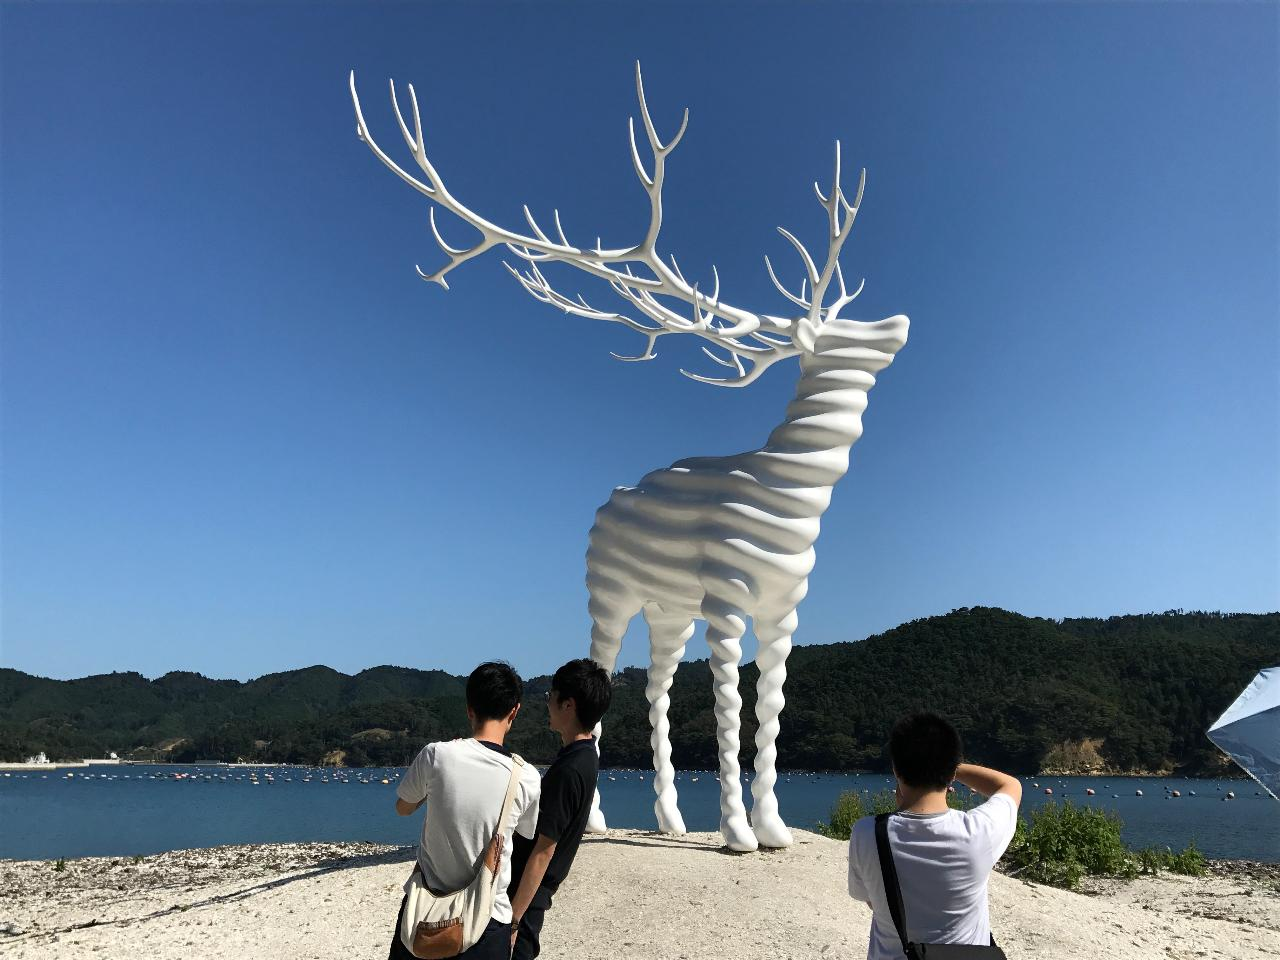 【石巻圏観光推進機構】Ishinomaki/<8/9月期間限定>Reborn-Art Festival主要5エリアを巡る!魅力満載の牡鹿半島バスツアー